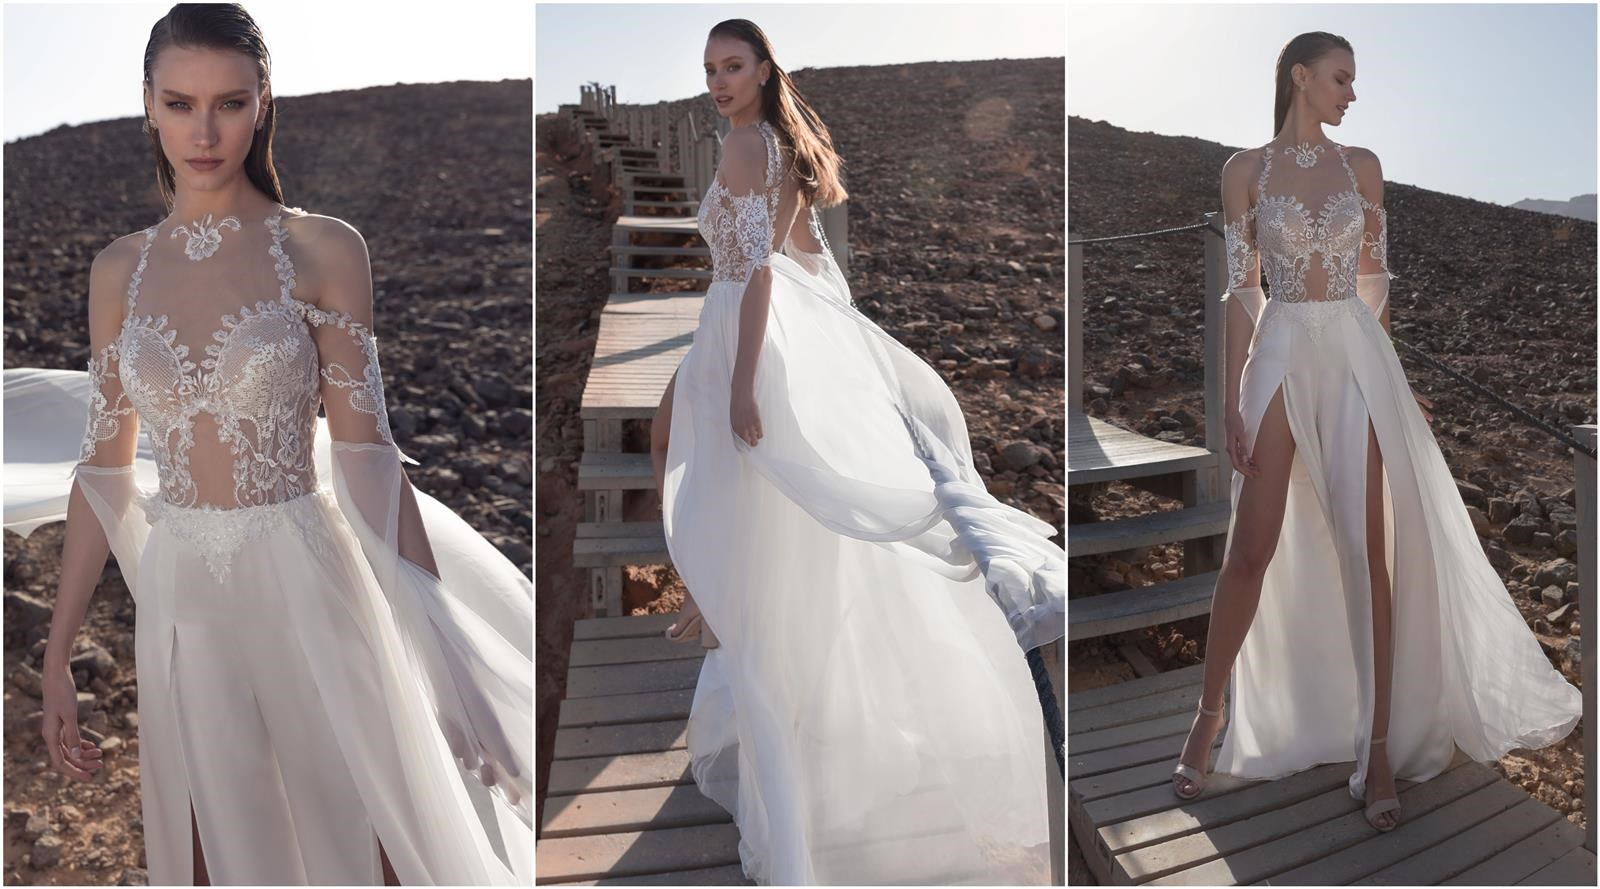 שמלת כלה של דימיטריוס (צילום: דניאל אלסטר)